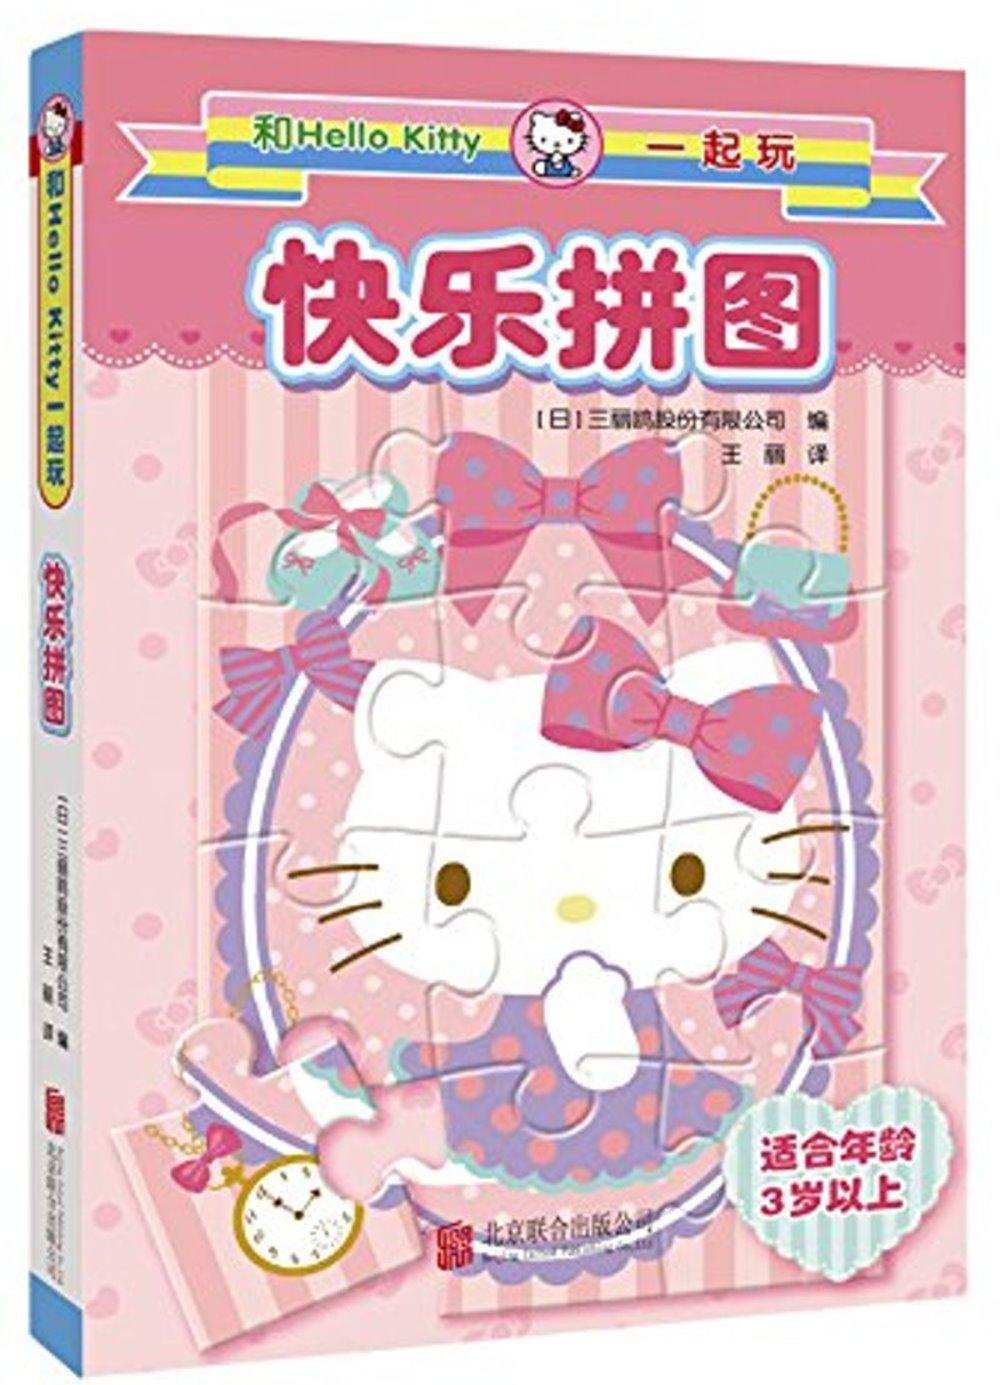 和Hello Kitty一起玩:快樂拼圖